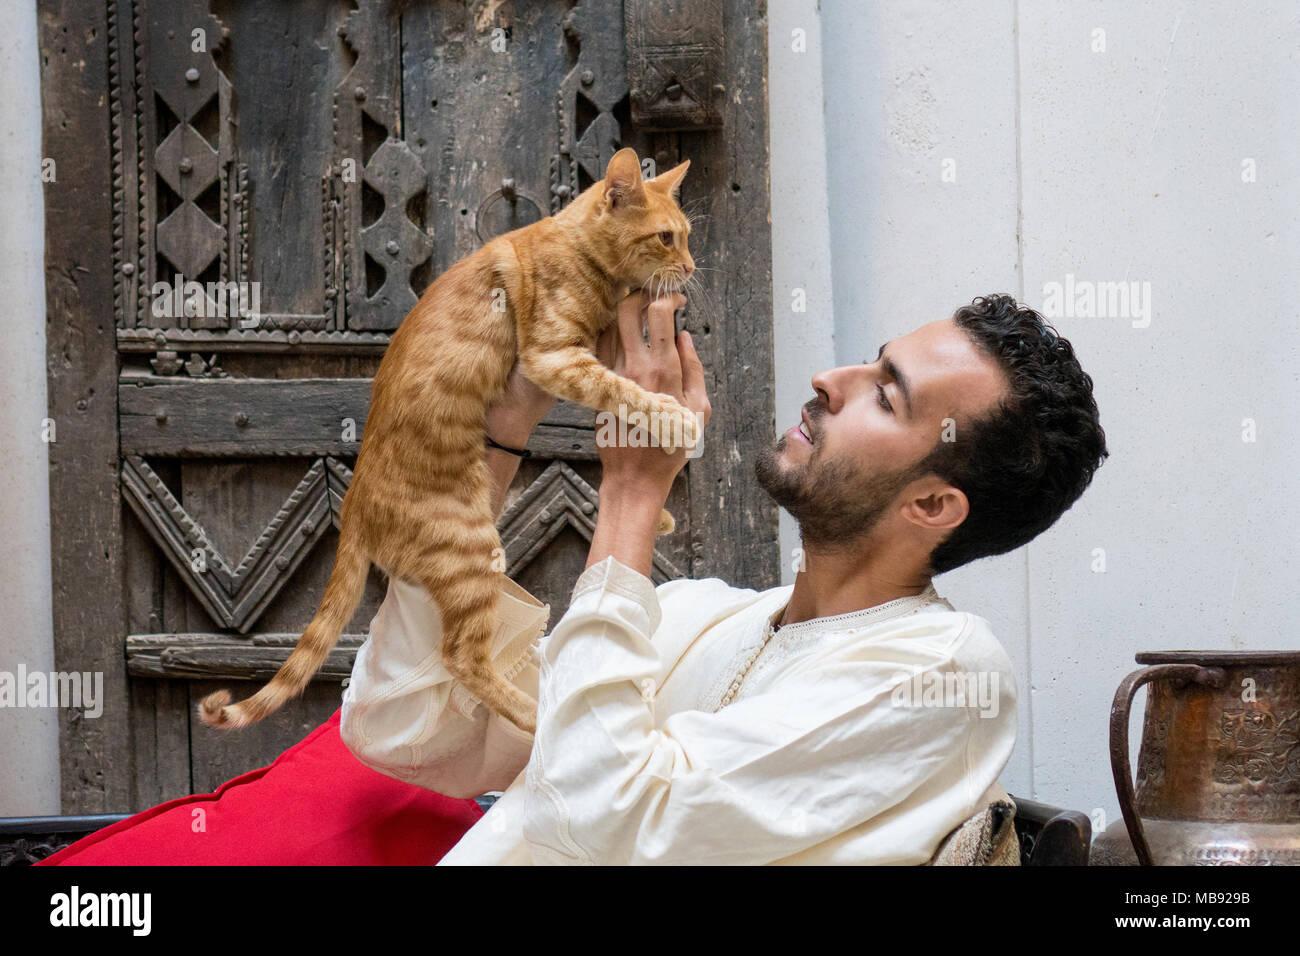 Giovani Musulmani uomo tenendo un gatto giallo di fronte ad una parete decorata Immagini Stock